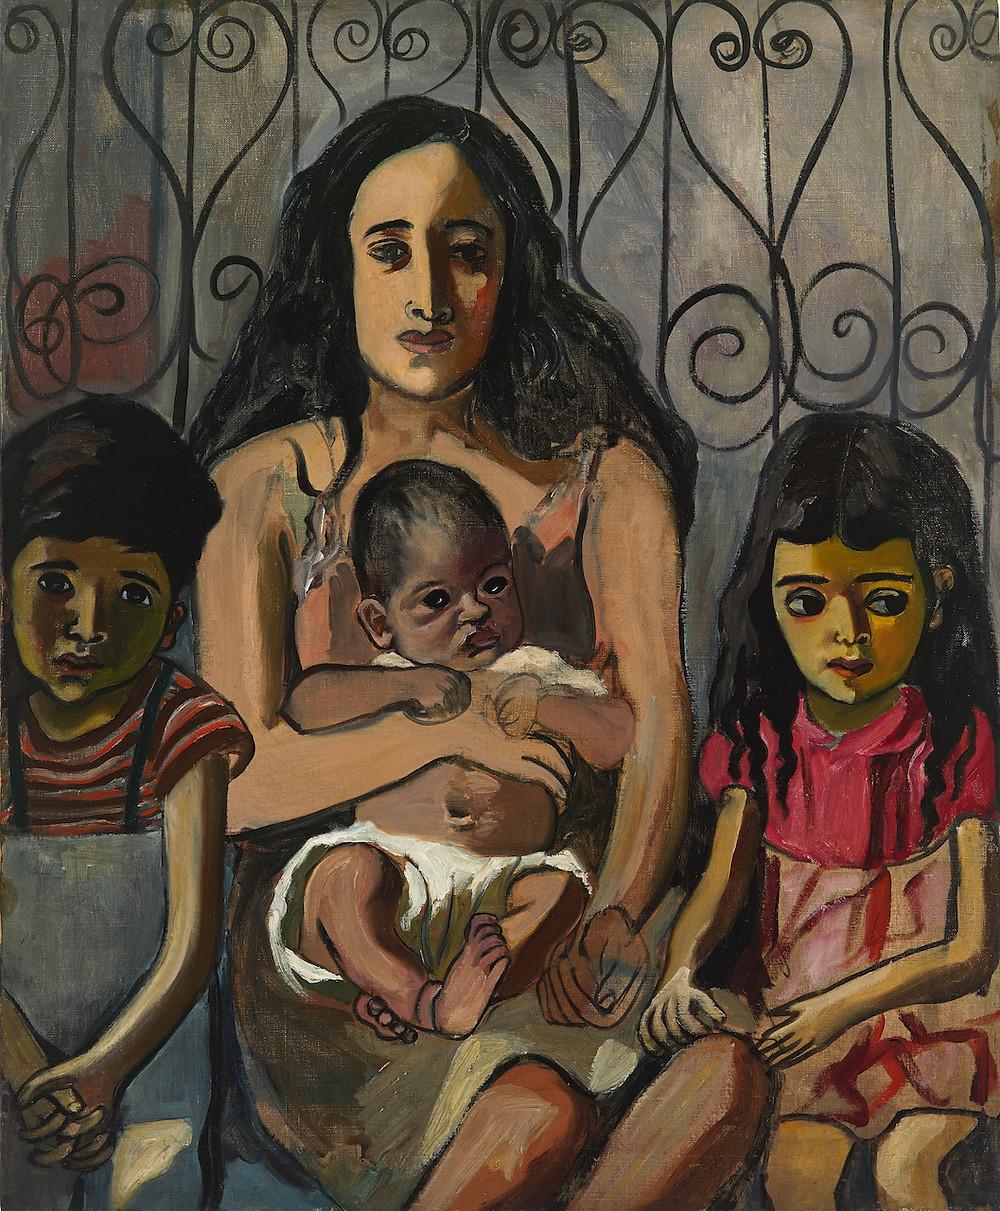 Alice Neel, The Spanish Family, 1943